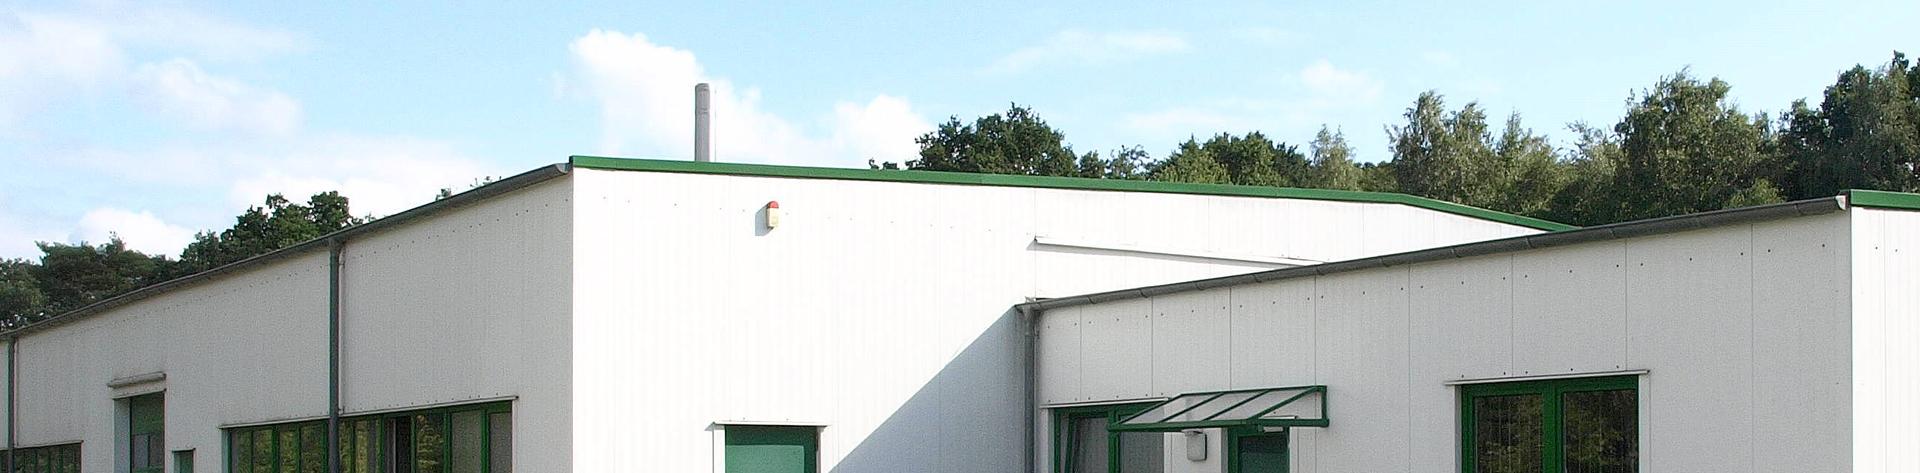 Firmengebäude LOGO Spezialmaschinen GmbH